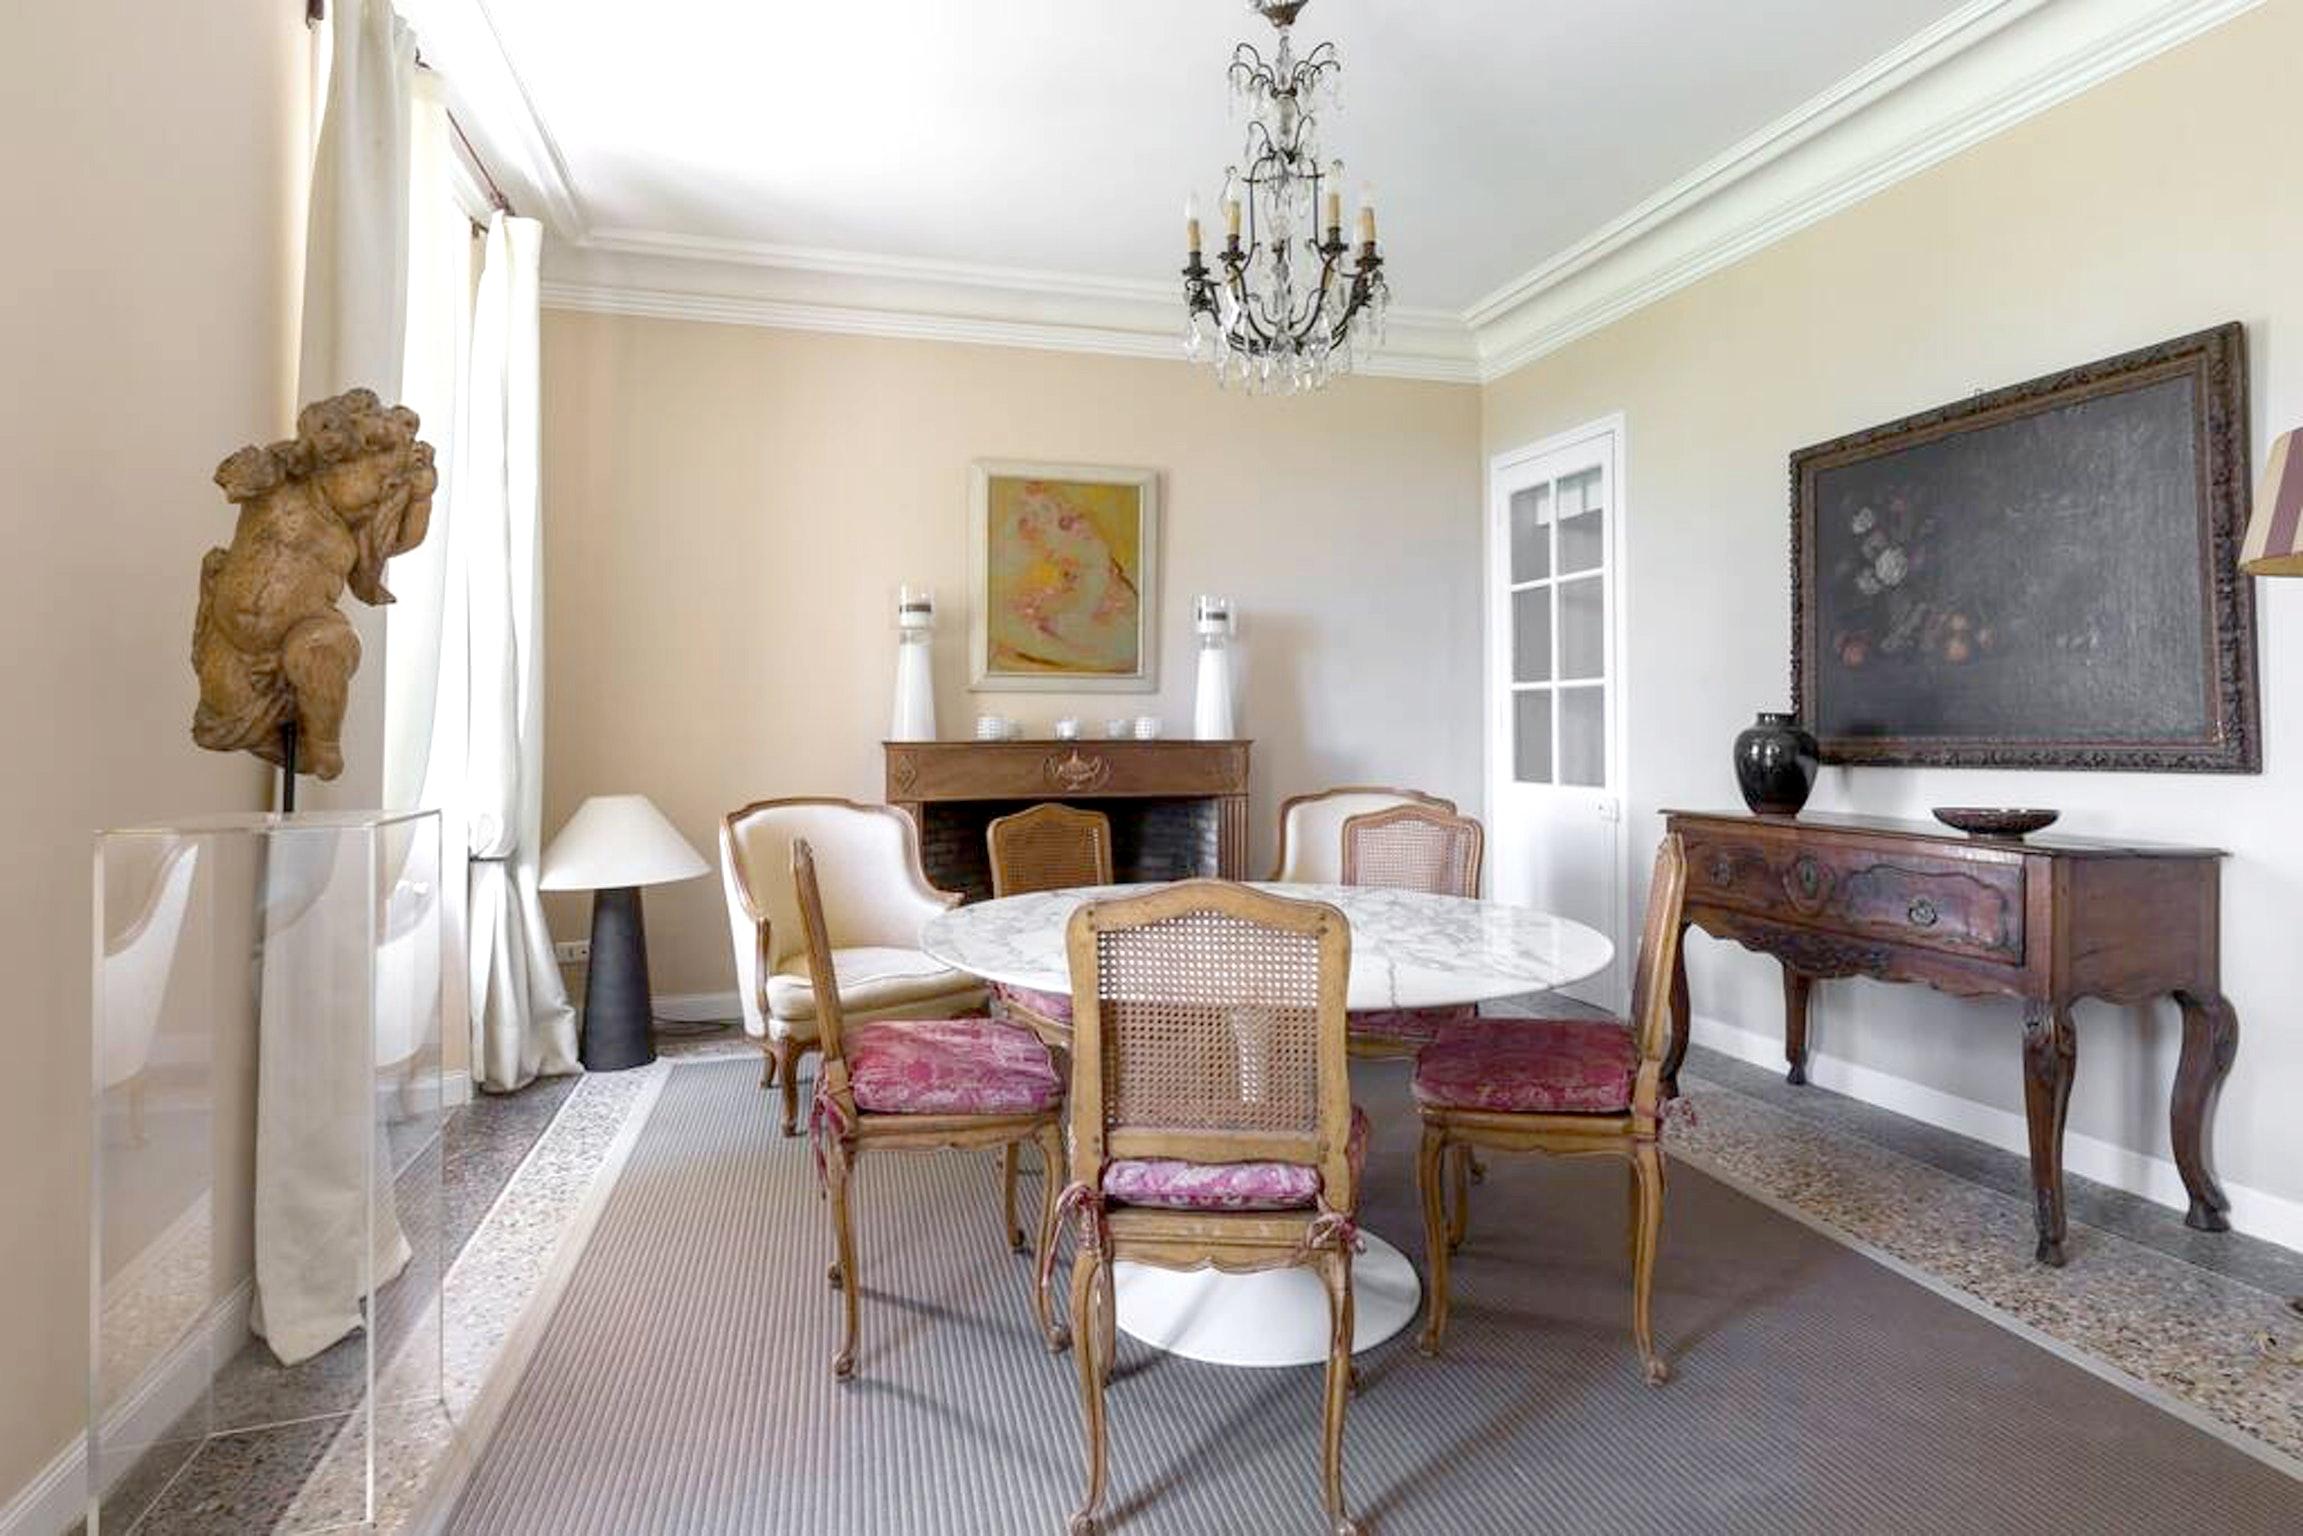 Maison de vacances Villa mit 6 Schlafzimmern in L'Isle-sur-la-Sorgue mit privatem Pool, möbliertem Garten und (2647203), L'Isle sur la Sorgue, Vaucluse, Provence - Alpes - Côte d'Azur, France, image 21